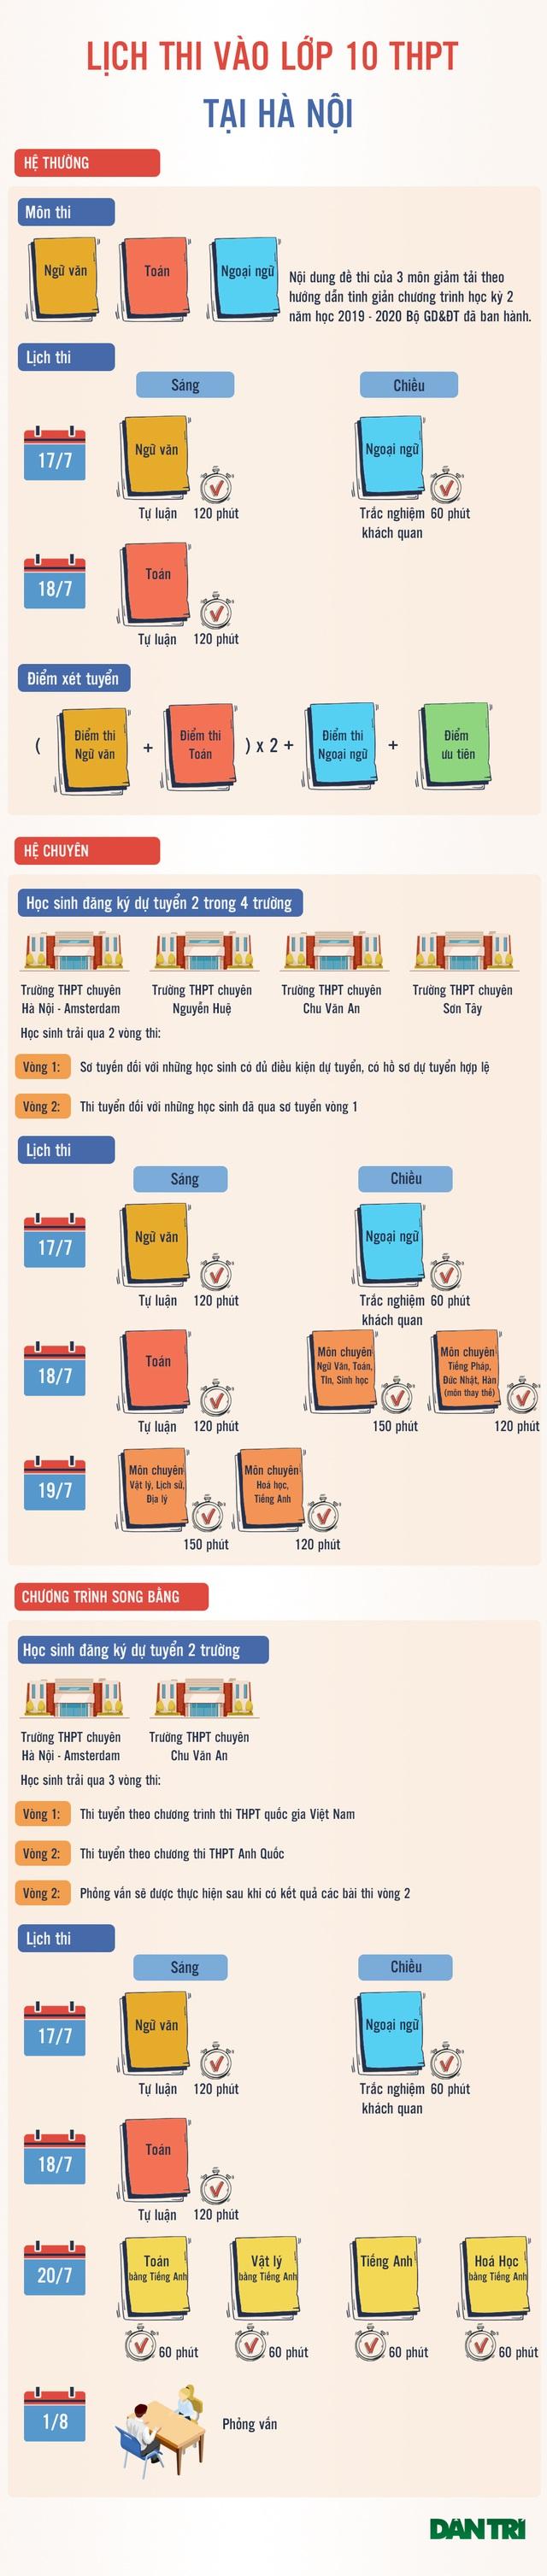 Infographic: Mốc lịch thi vào lớp 10 THPT tại Hà Nội sĩ tử cần lưu ý - 1